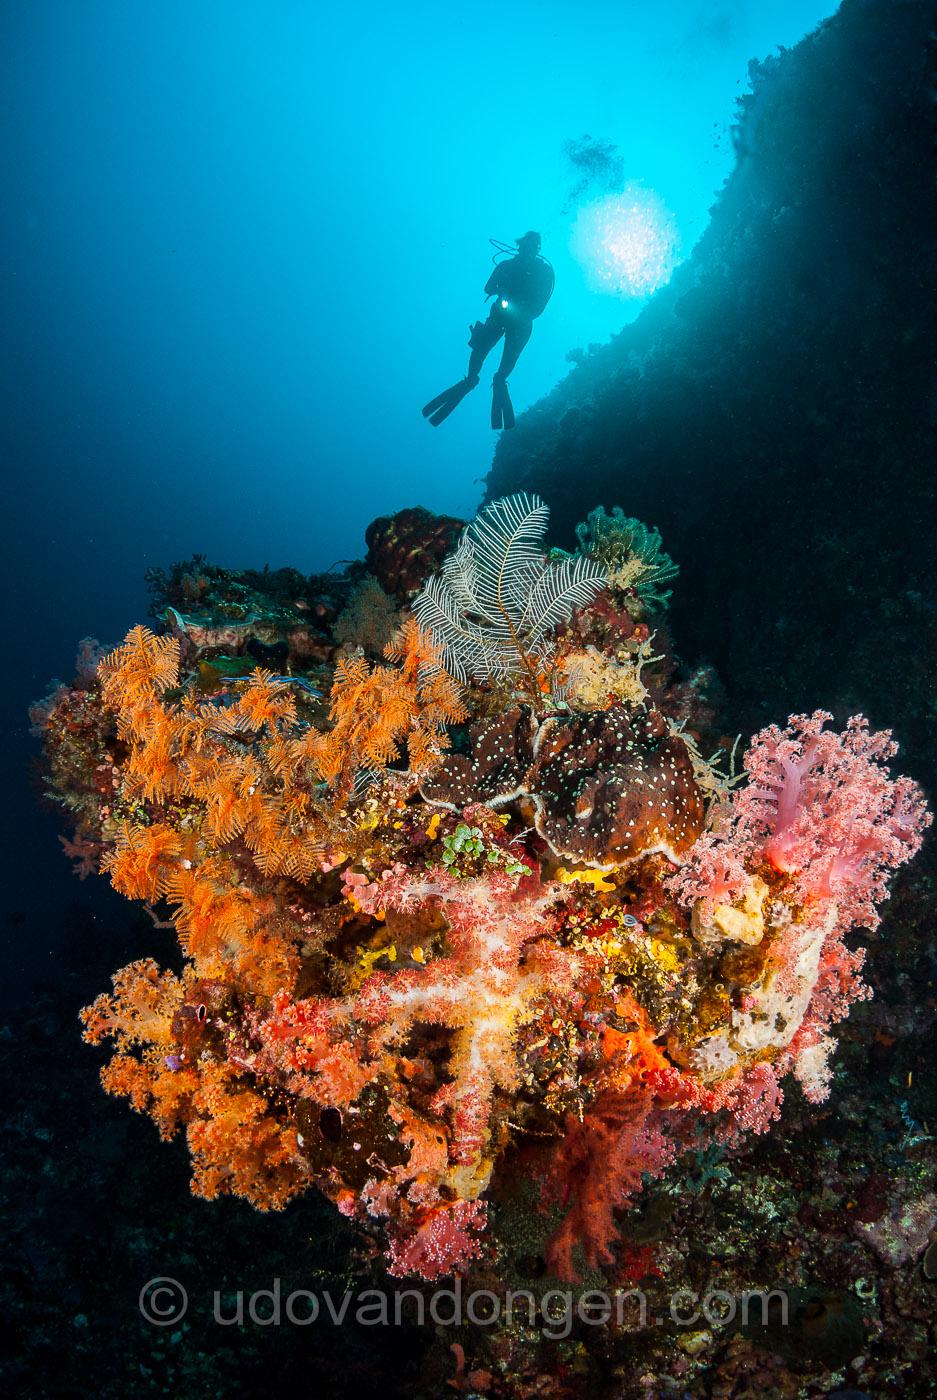 Pulau reta-1.jpg